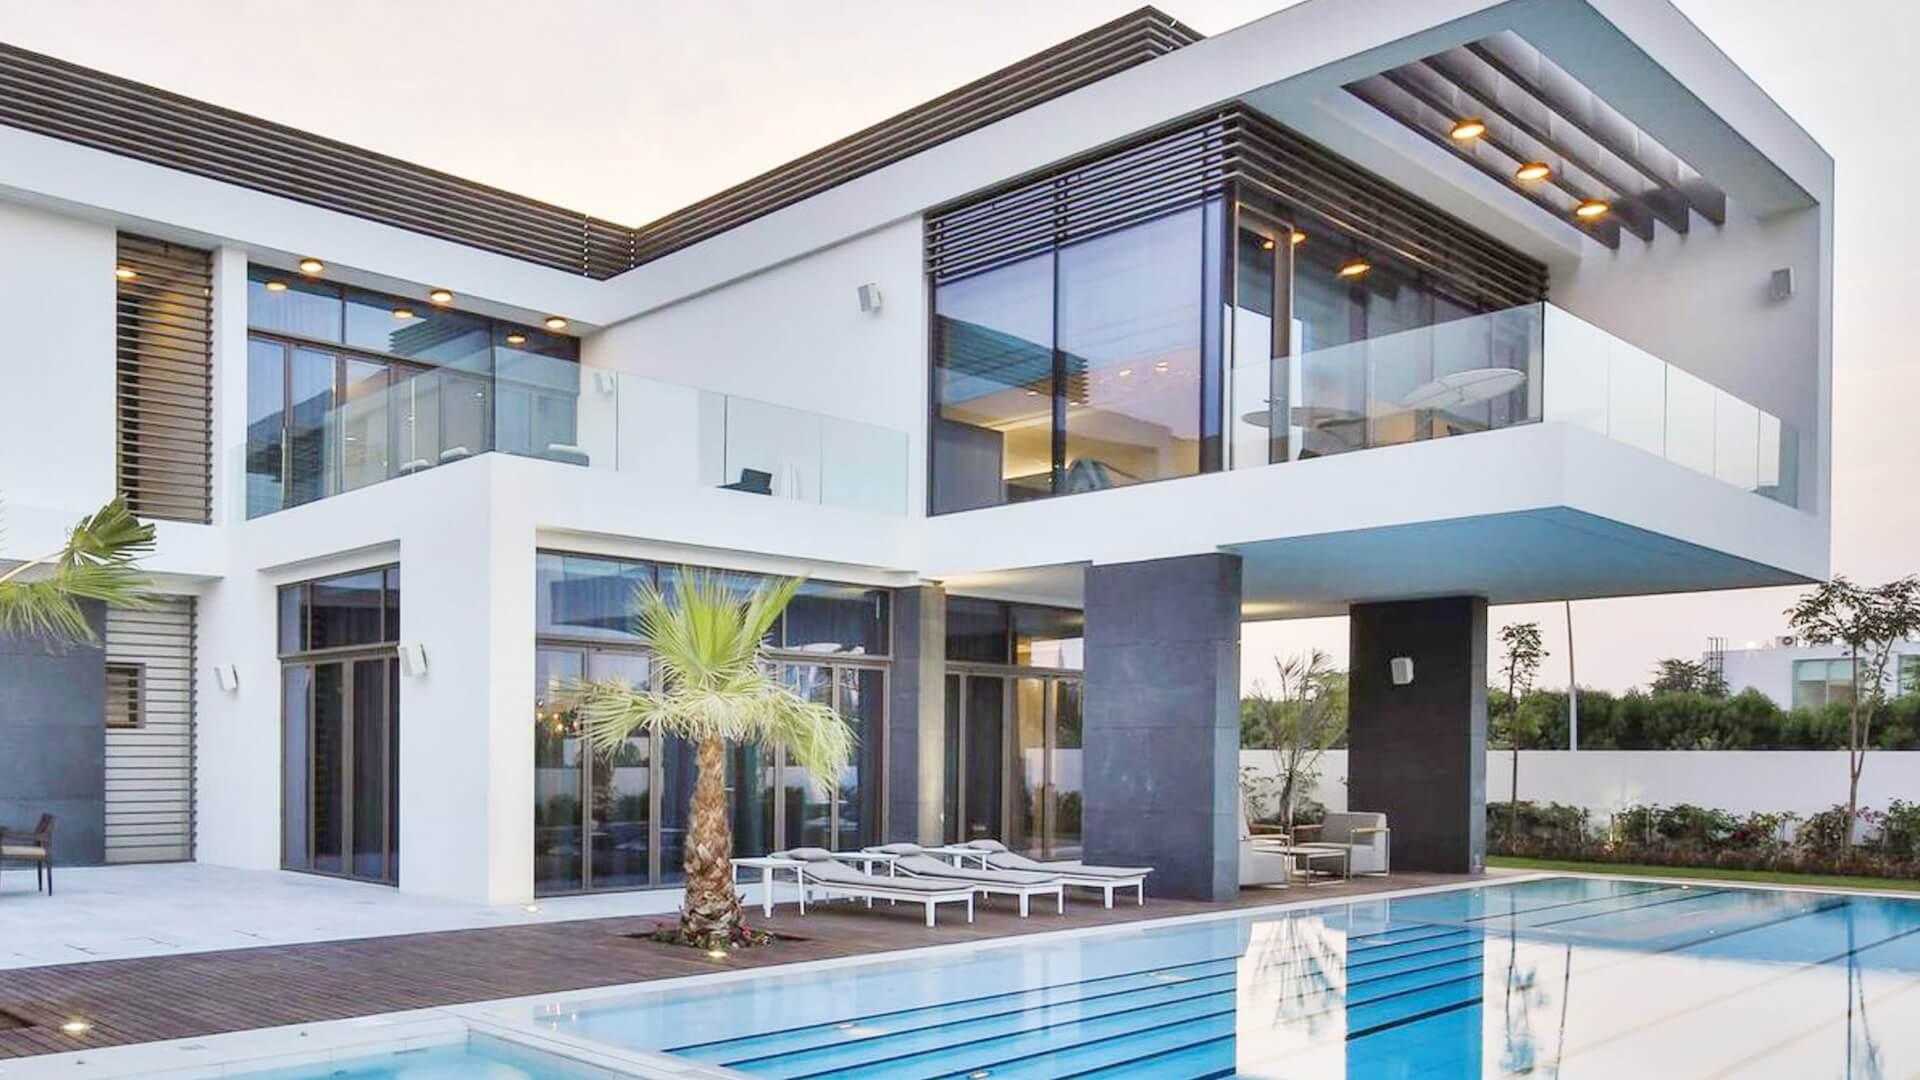 Villa en venta en Dubai, EAU, 5 dormitorios, 818 m2, № 24431 – foto 1